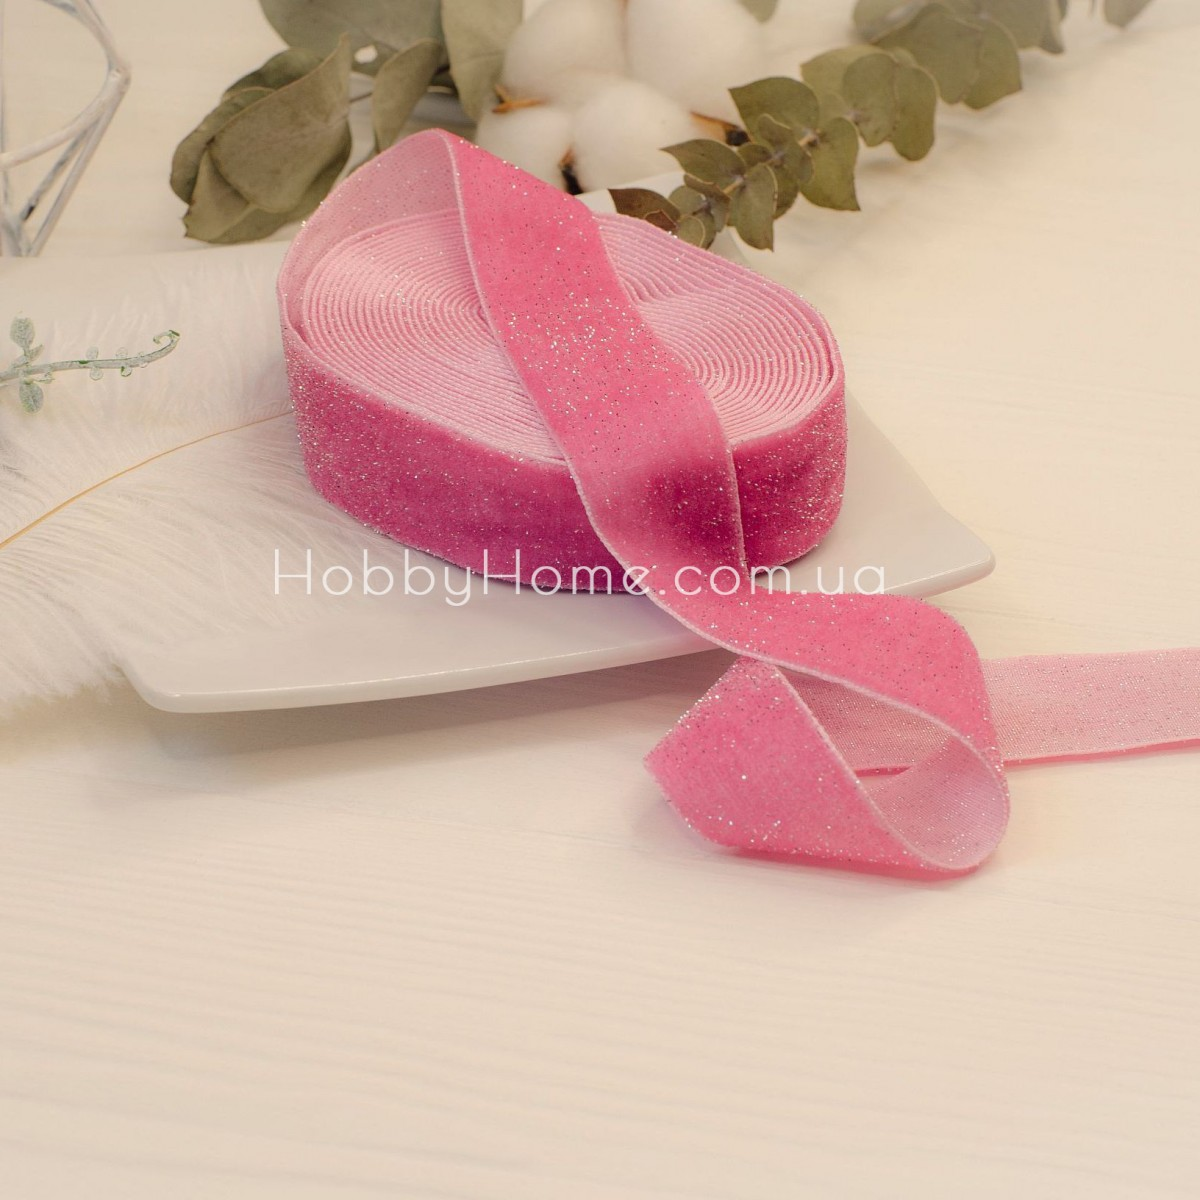 Стрічка оксамитова з блиском 2,5см, насичено рожева зі сріблом 50см